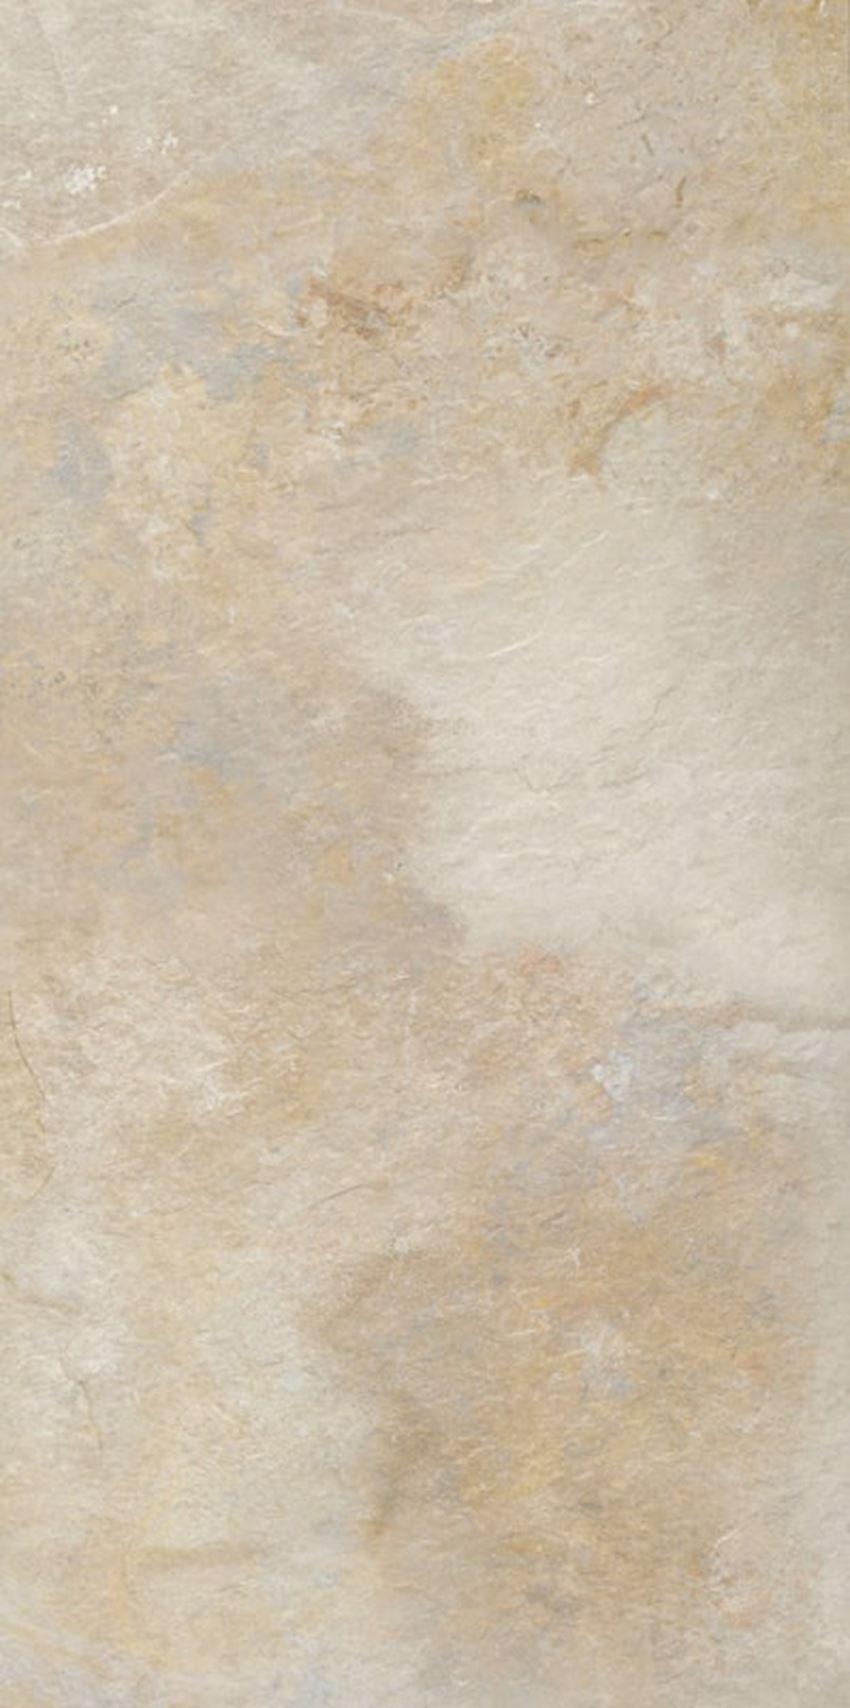 Płytka ścienno-podłogowa 59,5x119,5 cm Paradyż Burlington Ivory Płyta Tarasowa 2.0